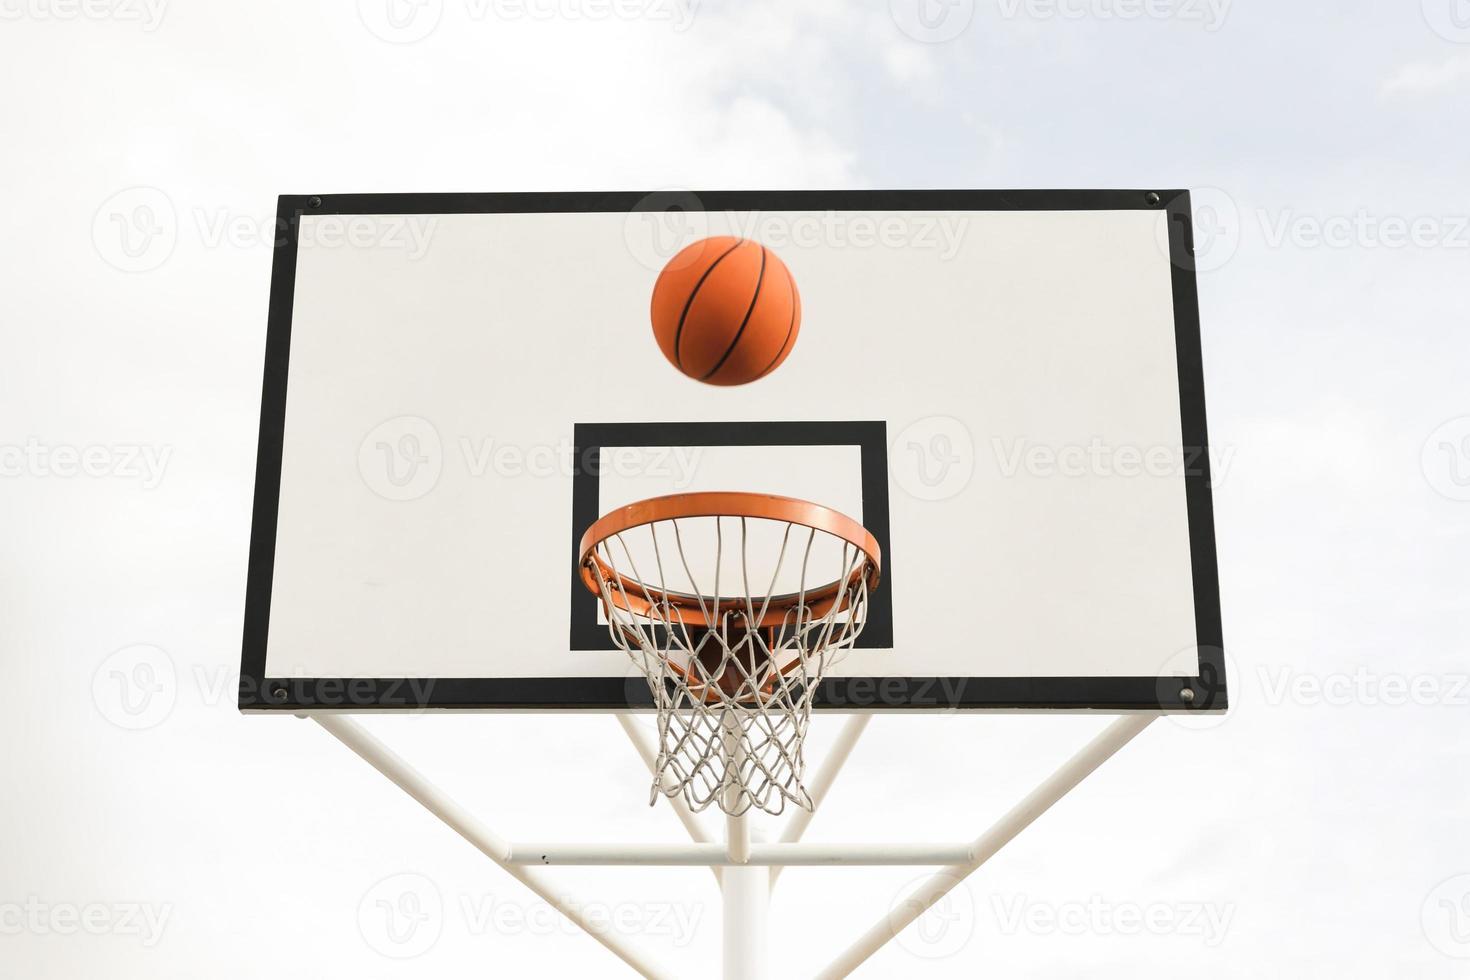 vista de baixo ângulo de uma cesta de basquete foto